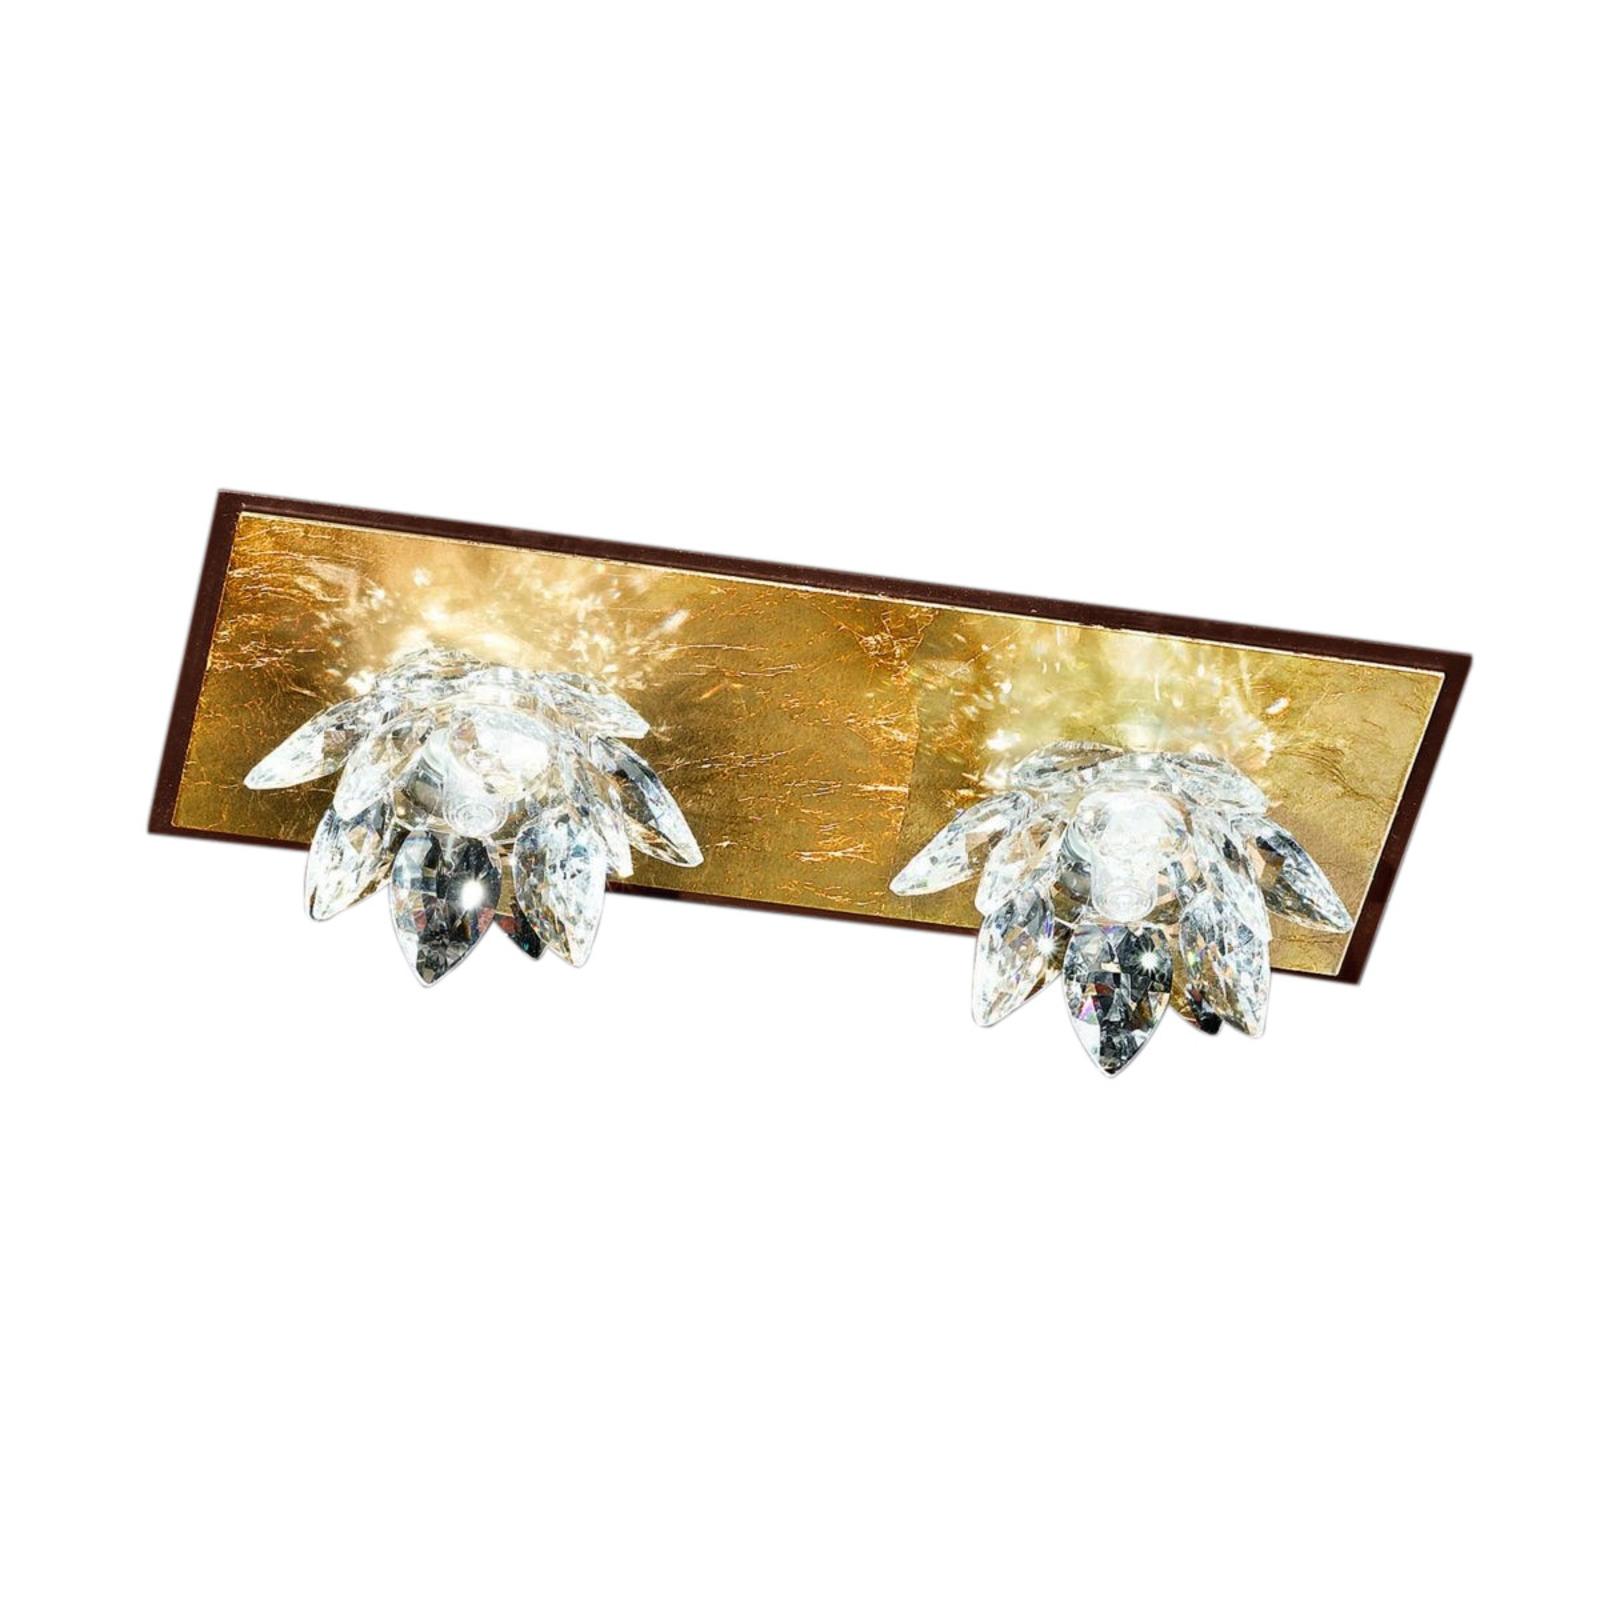 Acquista Plafoniera Fiore con oro in foglia e cristallo